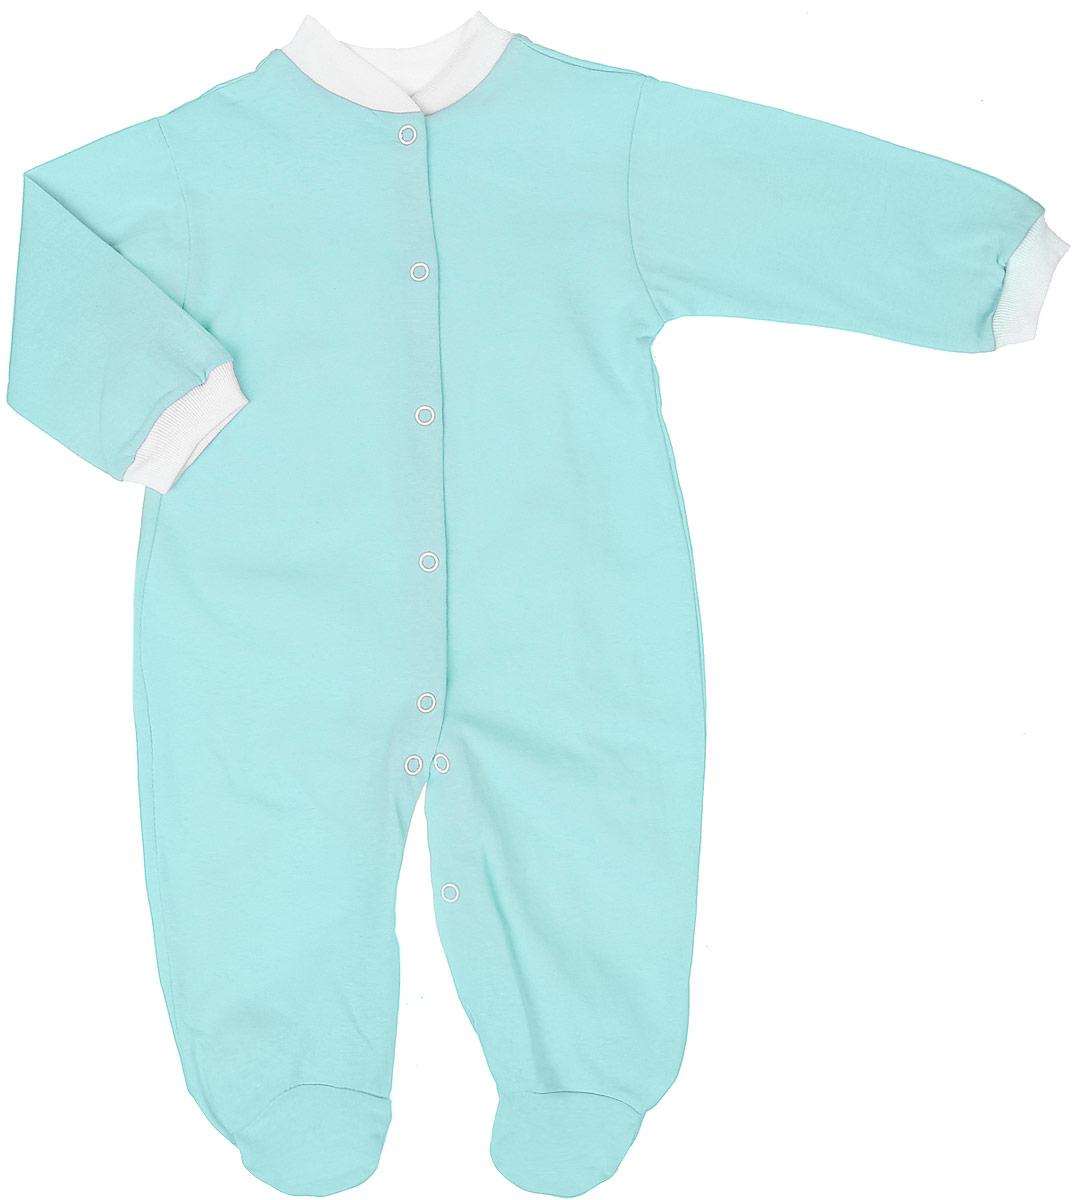 Комбинезон детский Чудесные одежки, цвет: мятный. 5801. Размер 805801Удобный детский комбинезон Чудесные одежки выполнен из натурального хлопка.Комбинезон с небольшим воротничком-стойкой, длинными рукавами и закрытыми ножками имеет застежки-кнопки спереди и на ластовице, которые помогают легко переодеть младенца или сменить подгузник. Воротничок и манжеты на рукавах выполнены из трикотажной эластичной резинки. Изделие оформлено в лаконичном дизайне.